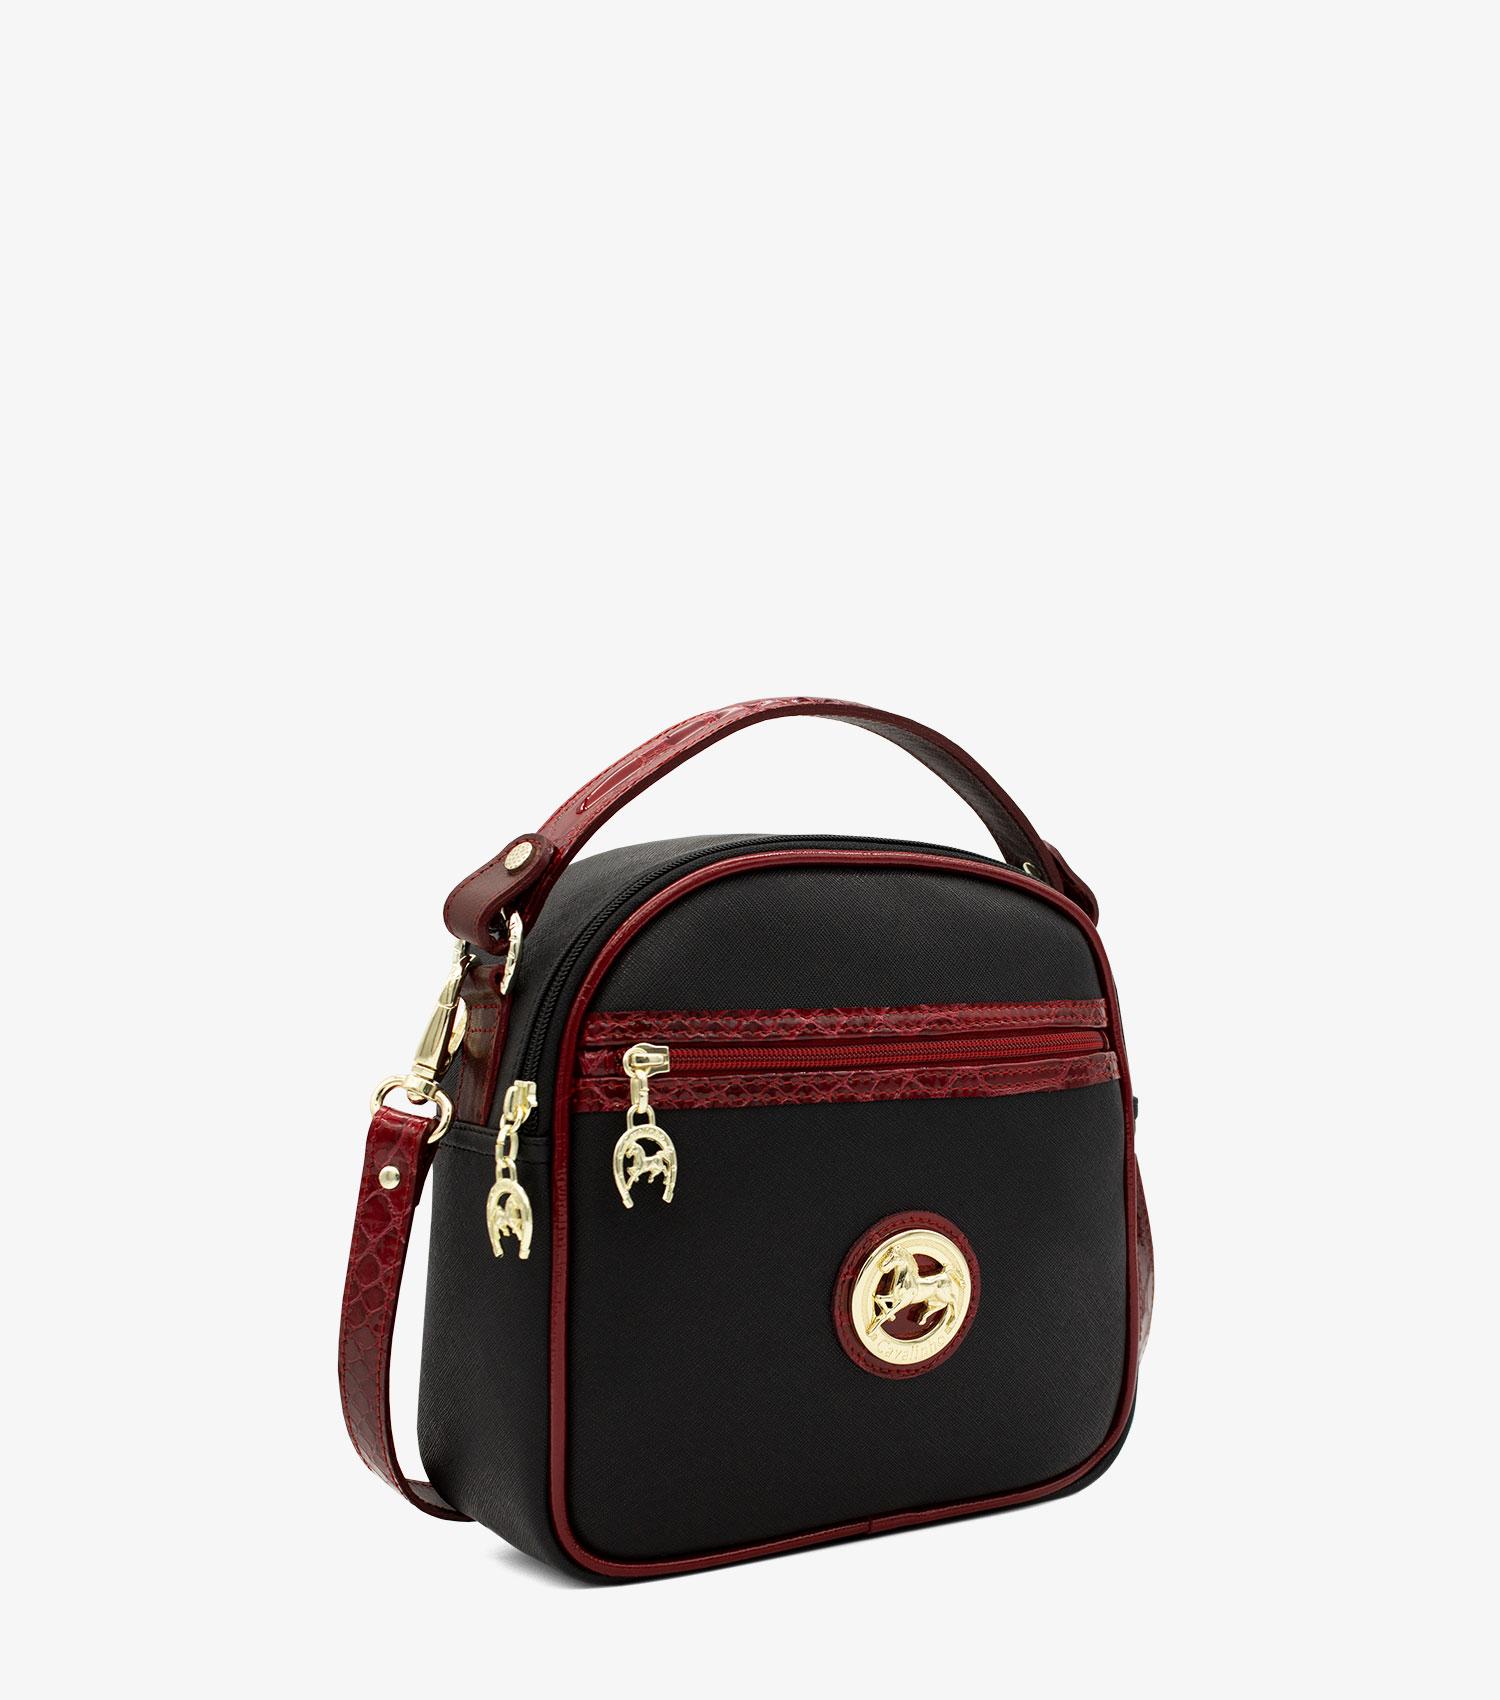 Cherry Blossom Handbag